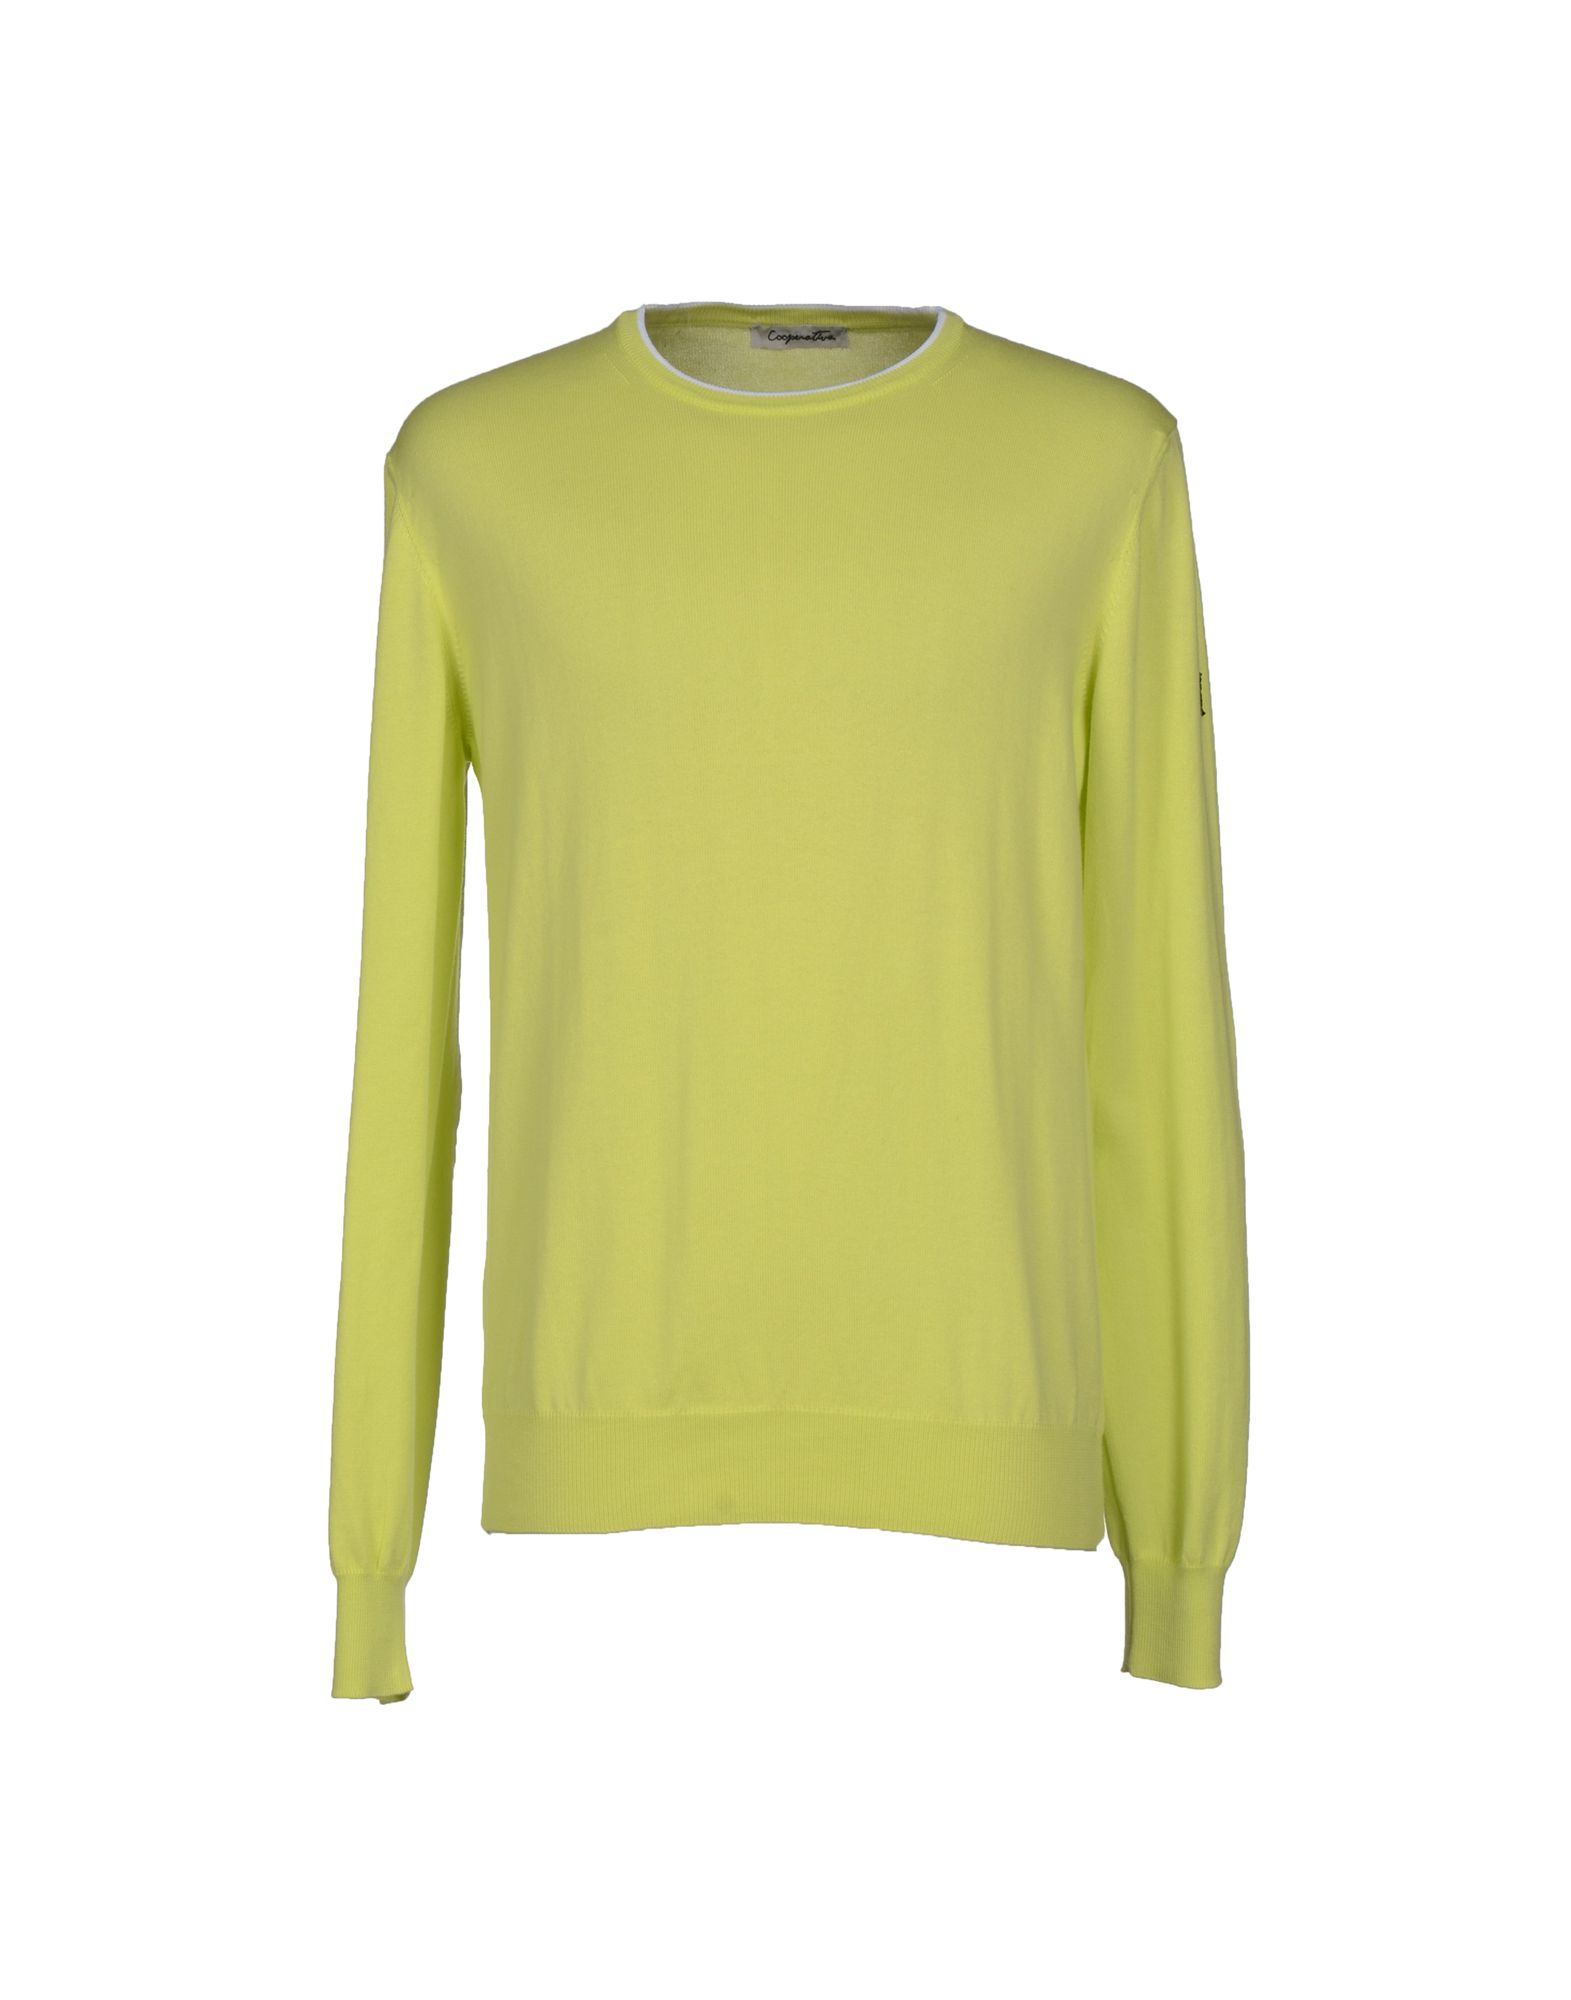 COOPERATIVA PESCATORI POSILLIPO Sweaters